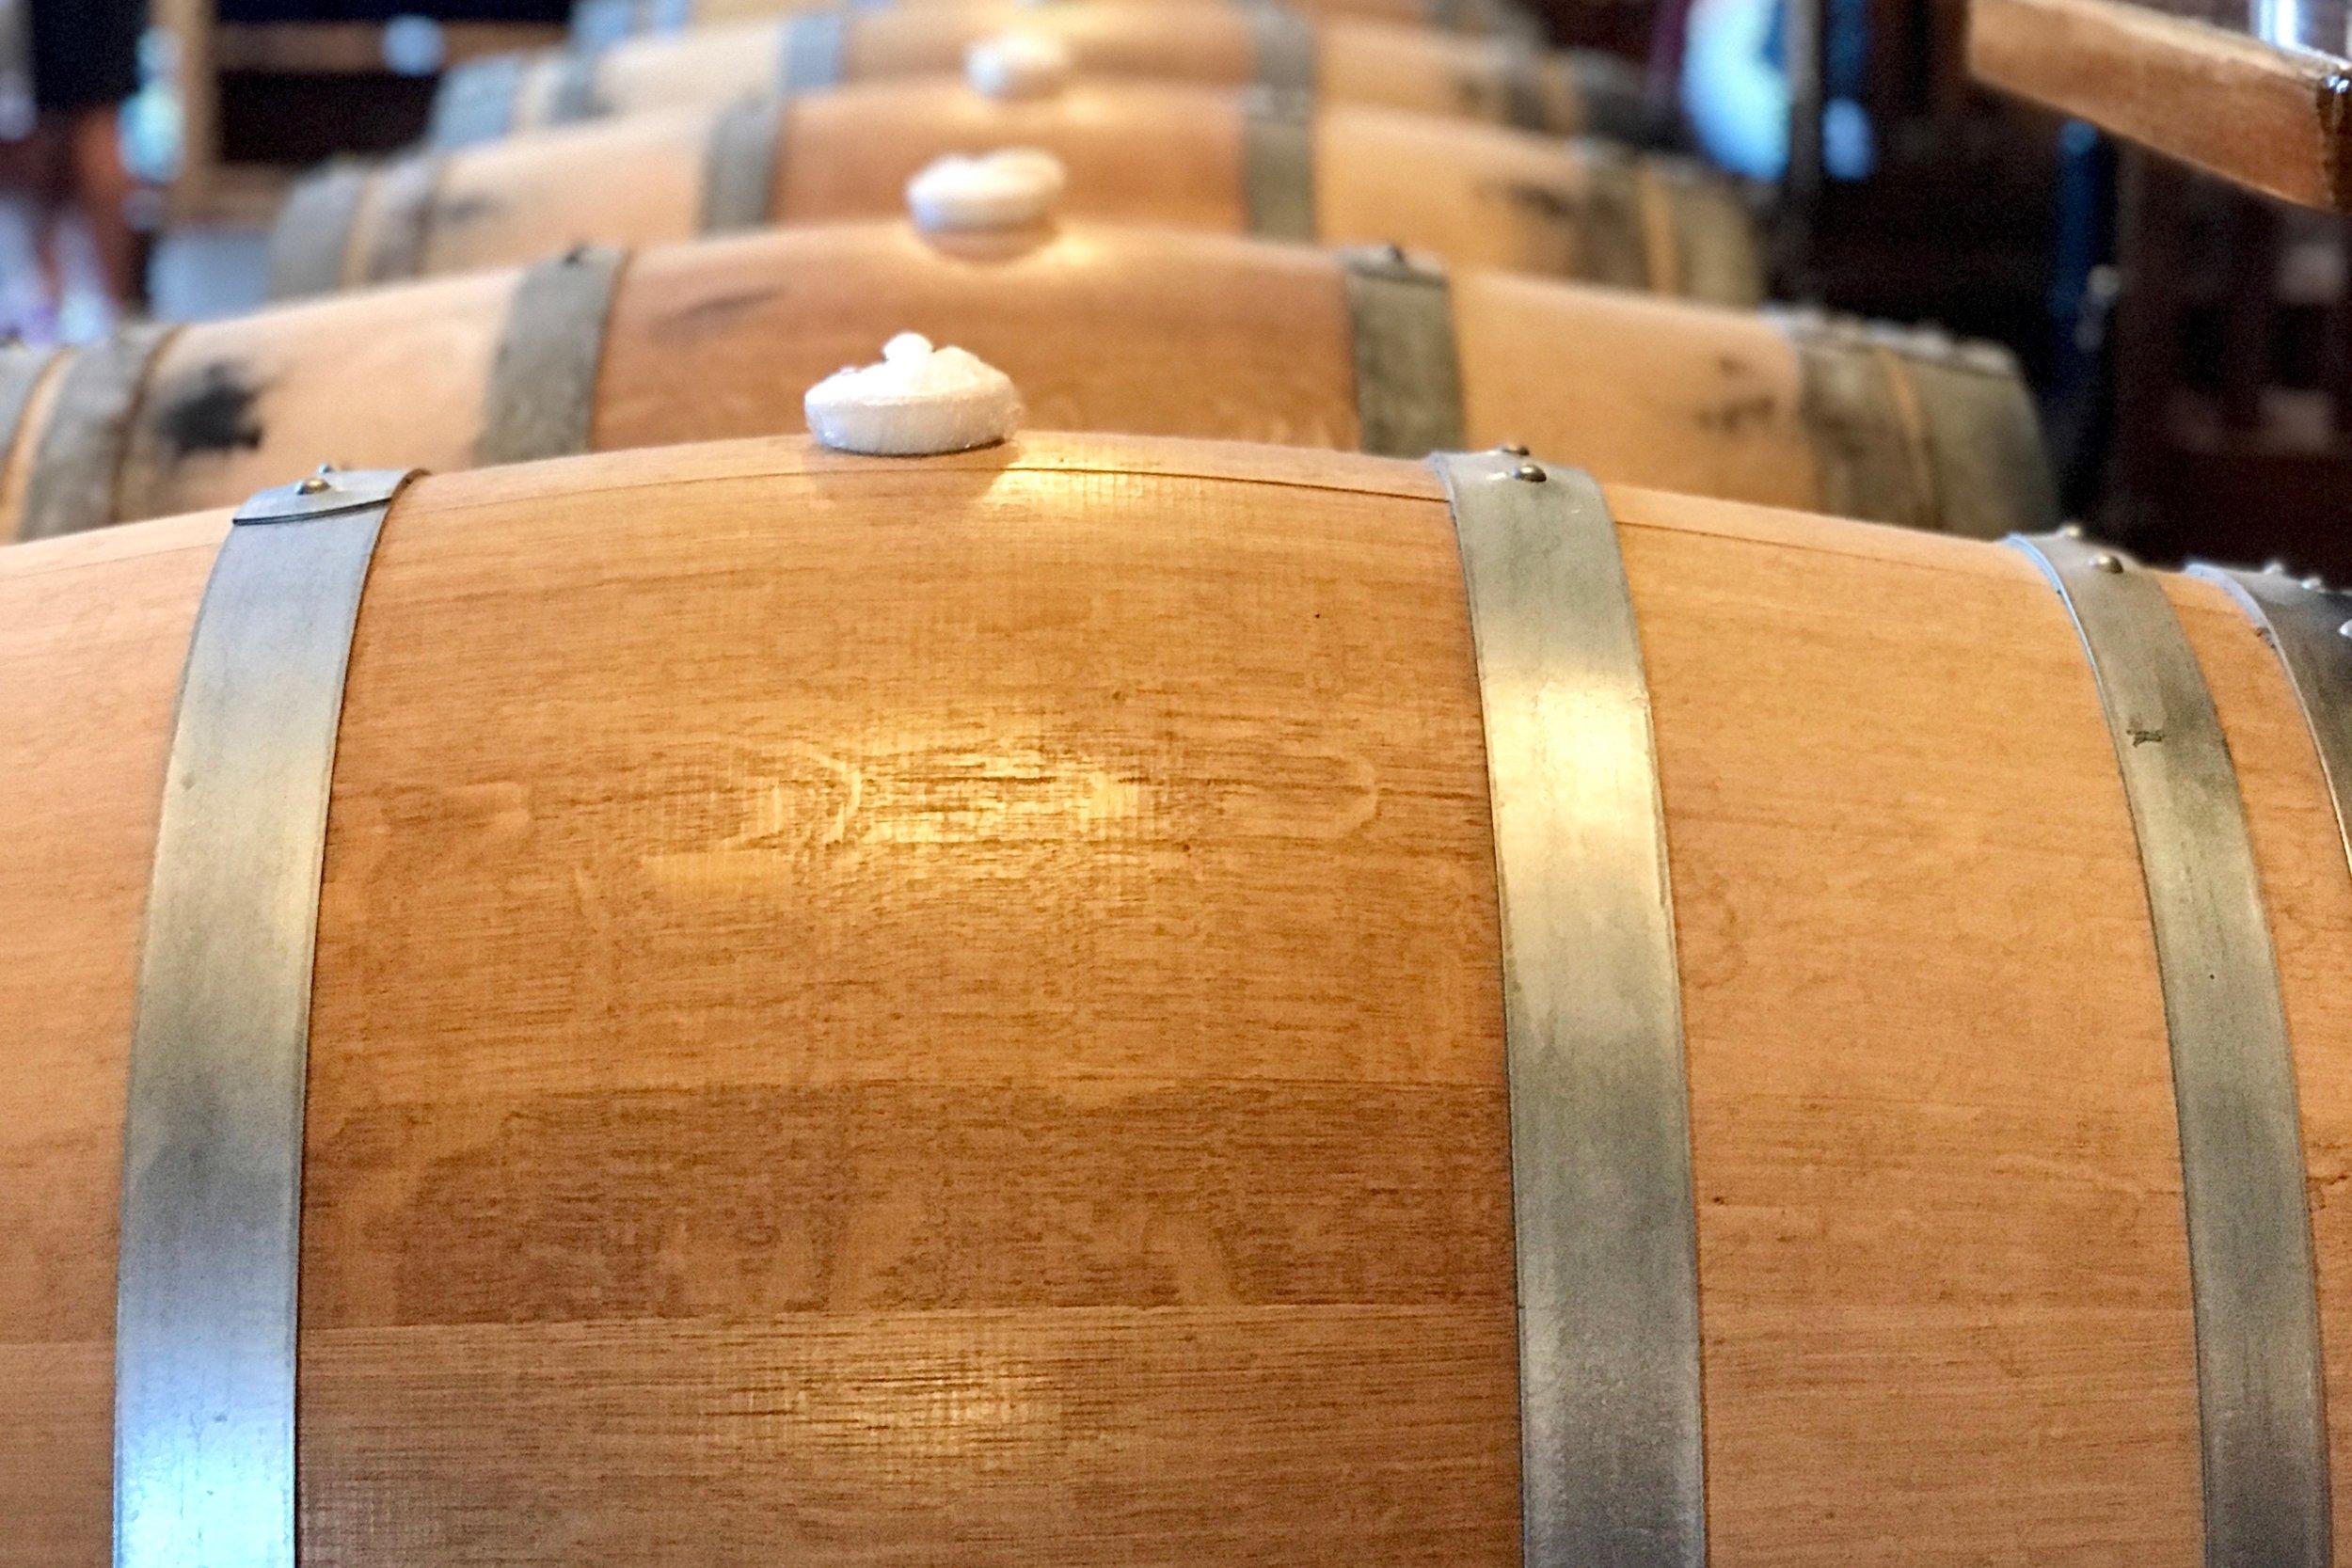 Cava Winery & Vineyards